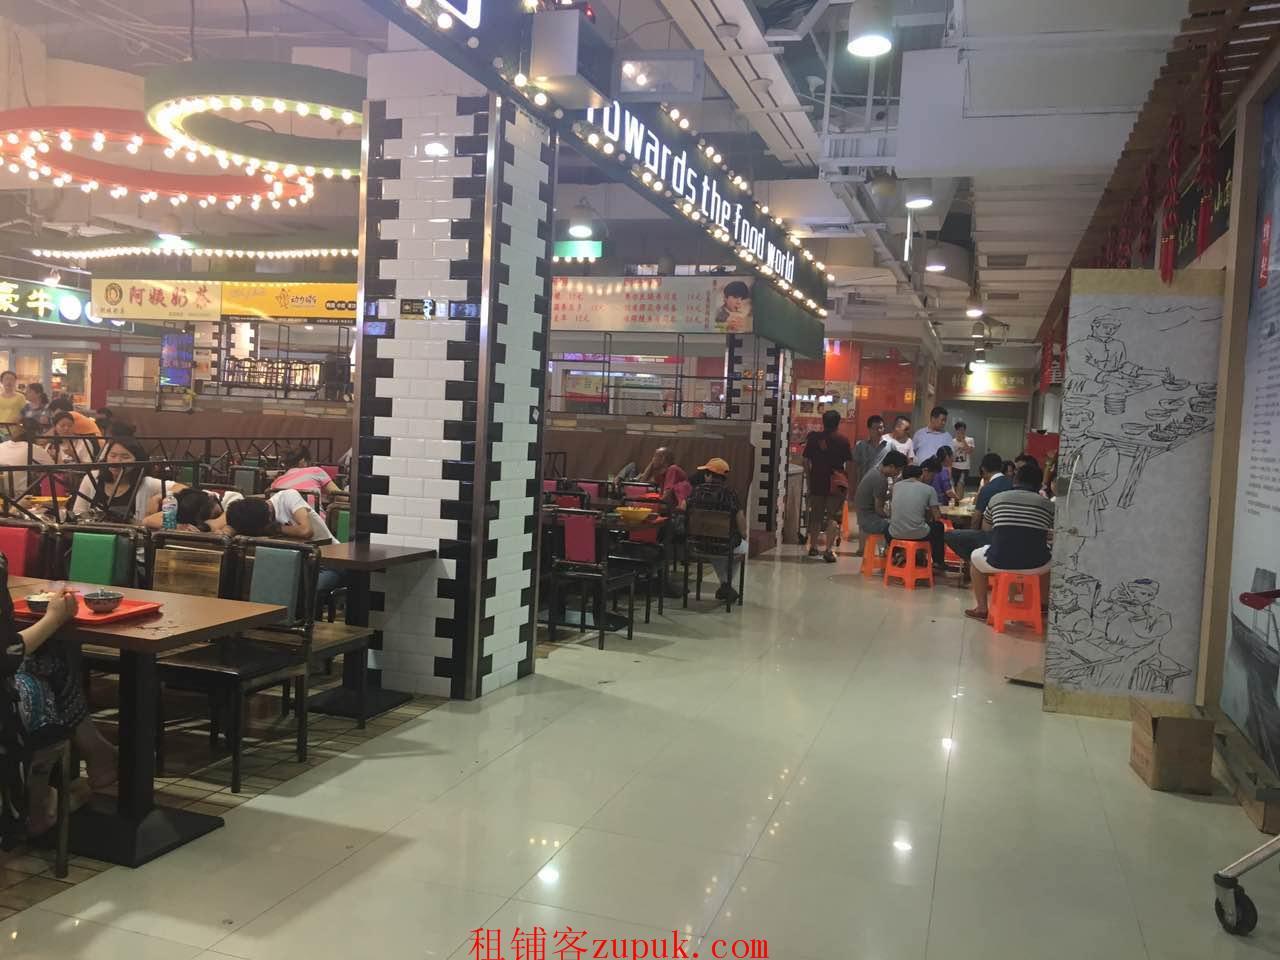 长宁区 虹桥 沿街餐饮商铺 执照齐全